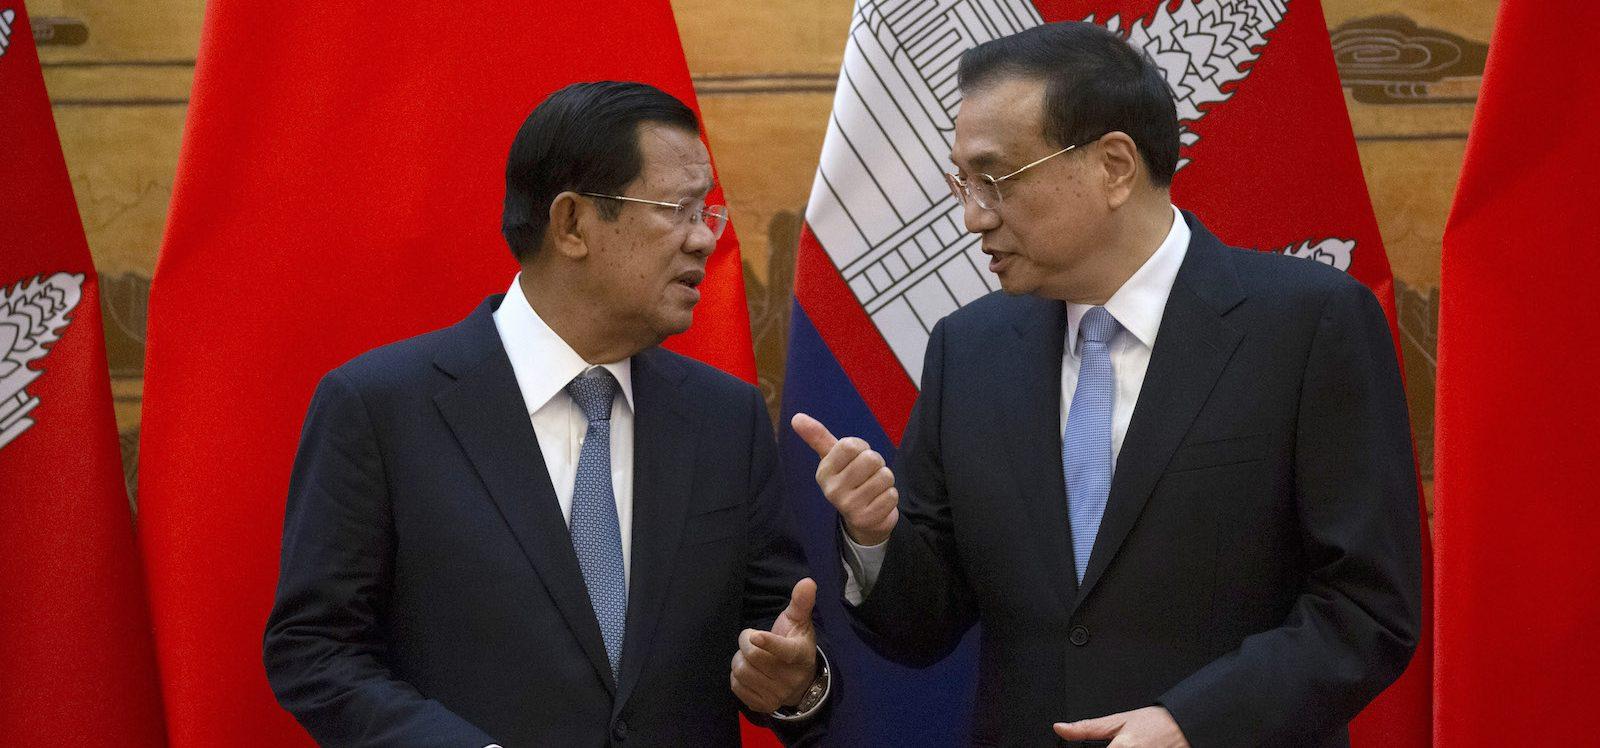 Le Premier ministre cambodgien Hun Sen avec son homologue chinois Li Keqiang dans le Grand Hall du Peuple à Pékin le 22 janvier 2019. (Source : Asia Times)